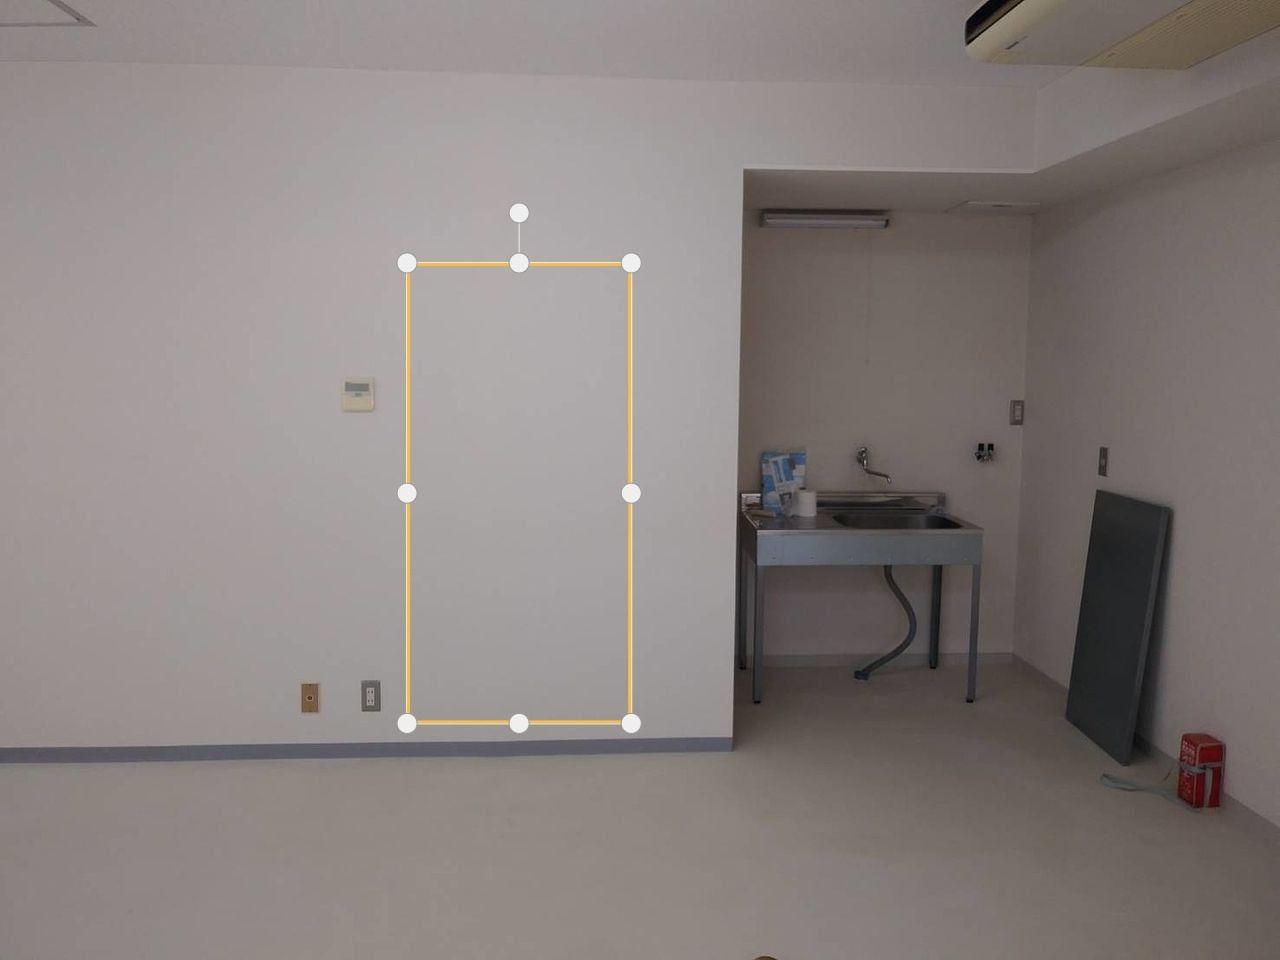 そこで、トイレの扉位置を流し台側からに変更して、壁には遮音シート、吸音材を詰め込み、防音ドアに交換しました。